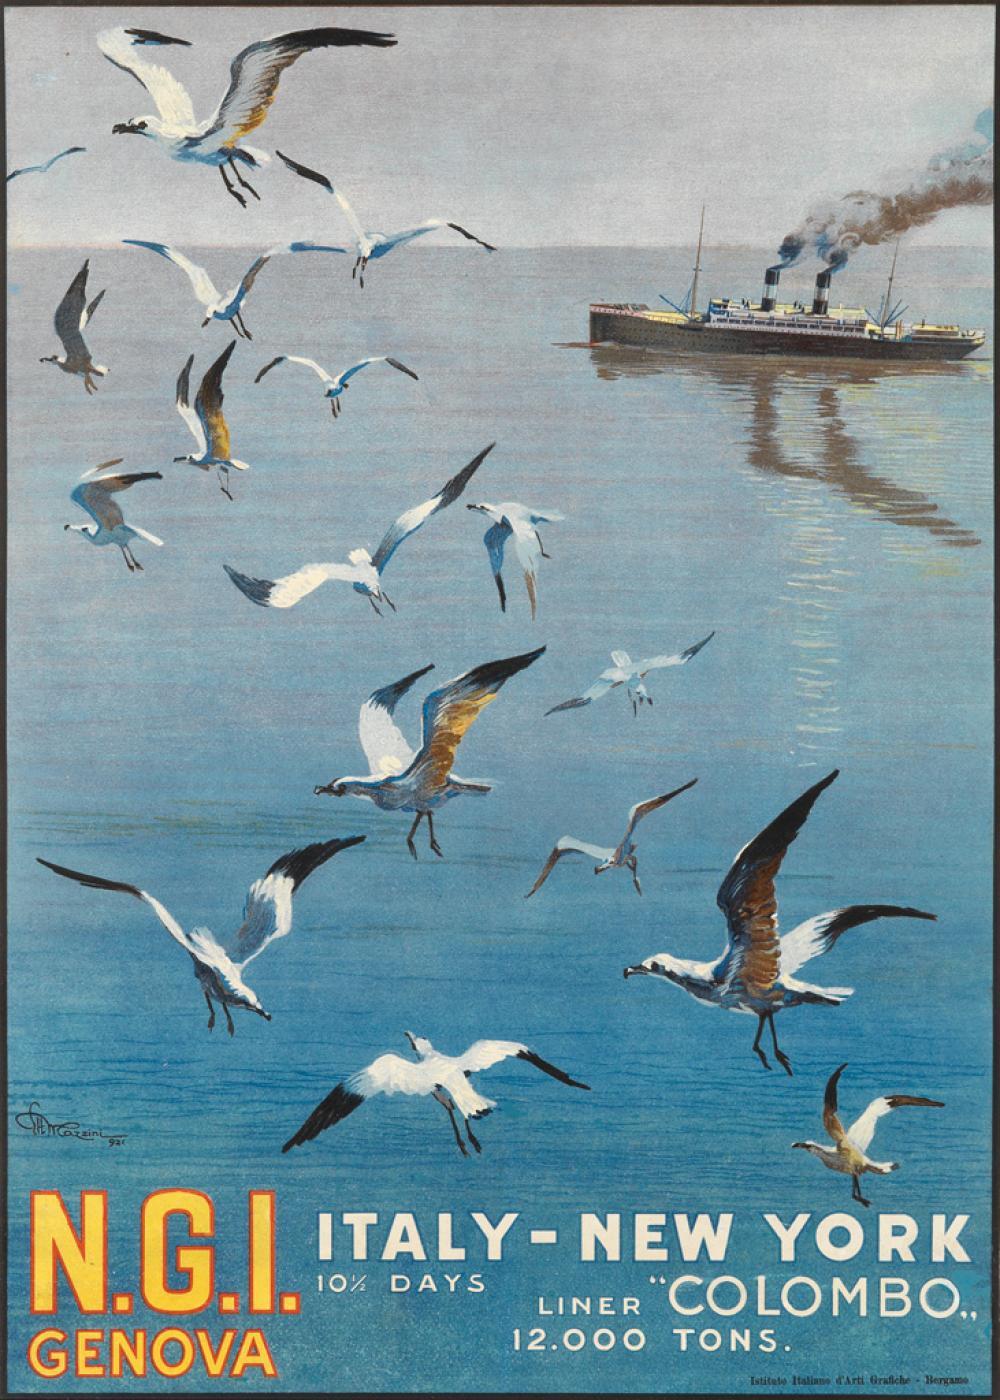 ETTORE MAZZINI (1891-1960). N.G.I. GENOVA / ITALY - NEW YORK. 1921. 26x18 inches, 66x47 cm. Istituto Italiano d'Arti Orafiche, Bergamo